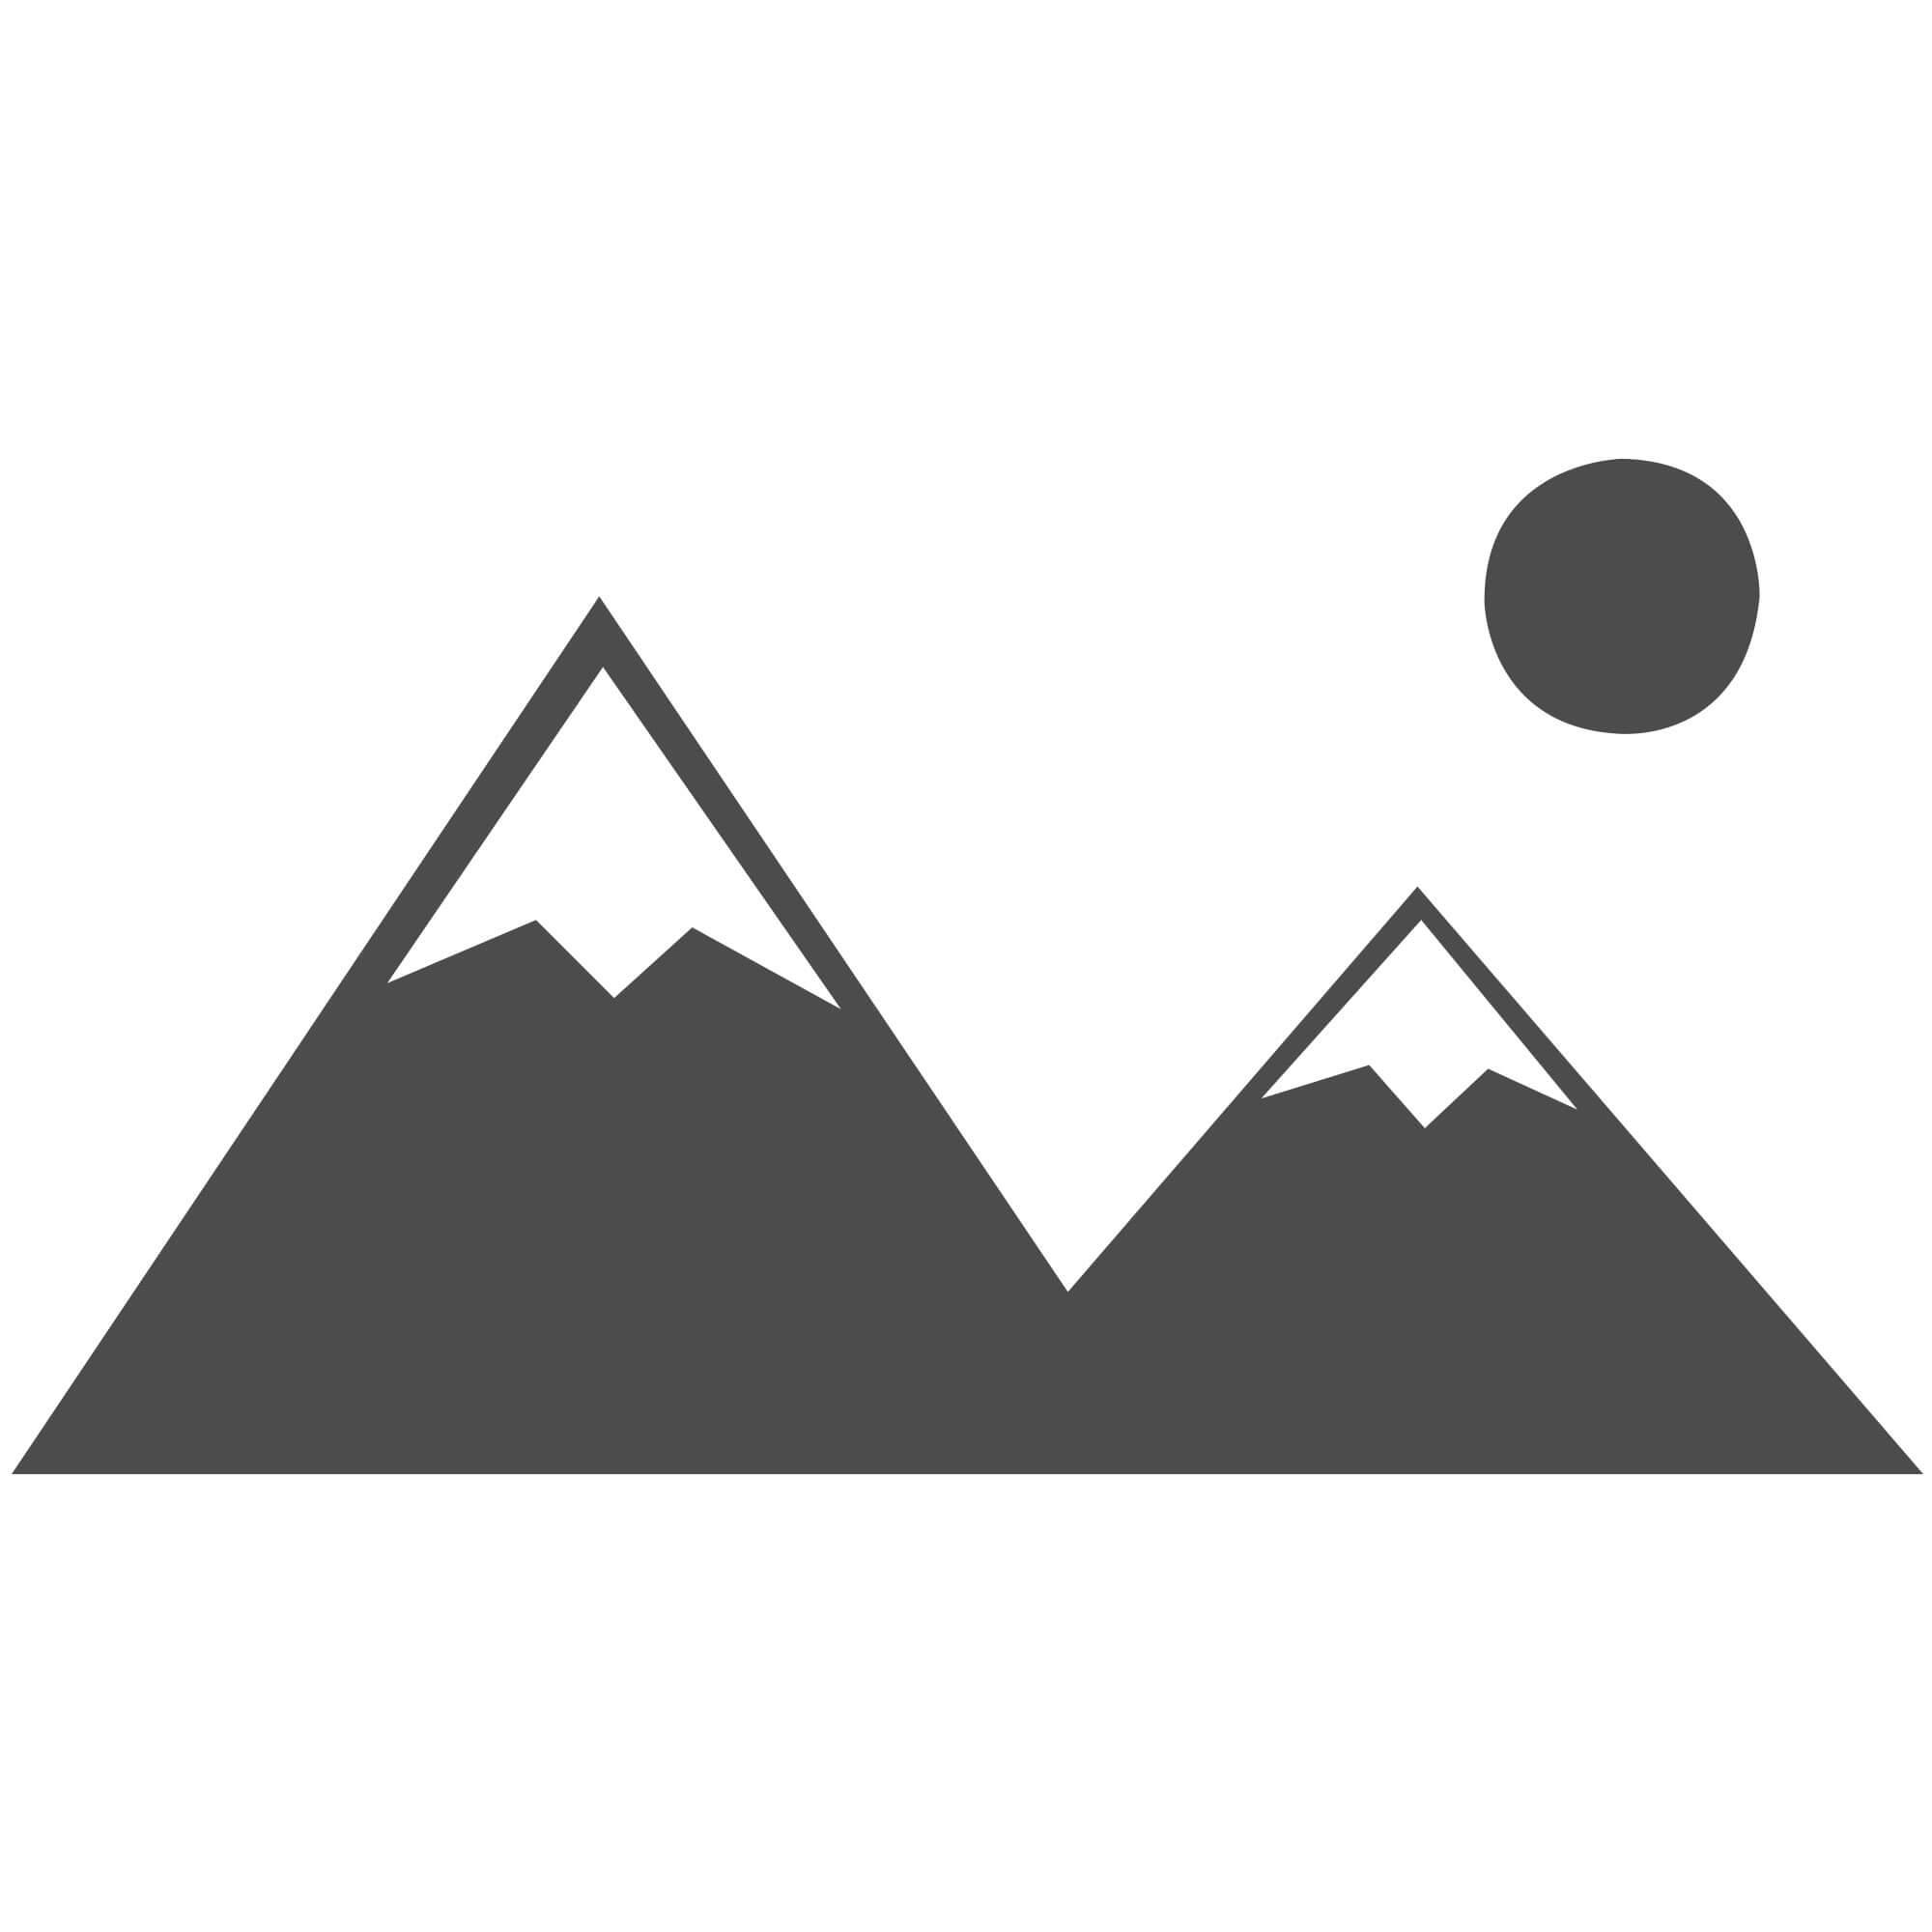 Rocket Pack - Signature F3 by Klasek